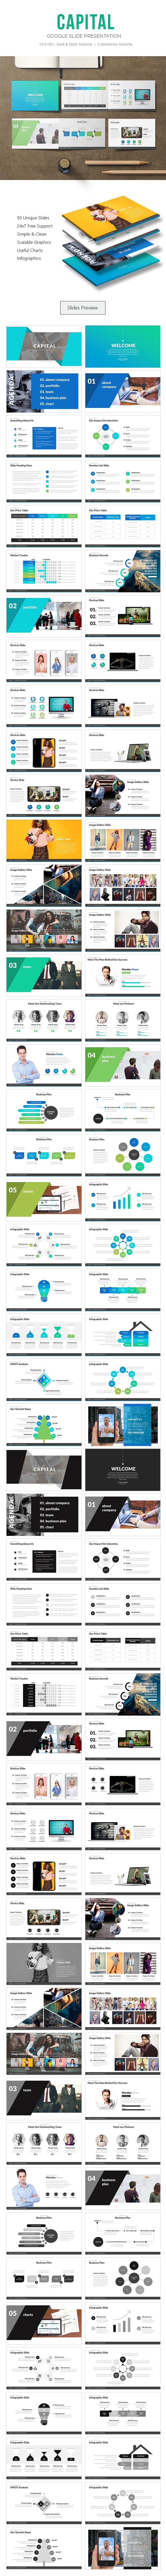 Capital Google Slide Presentation - Google Slides Presentation Templates